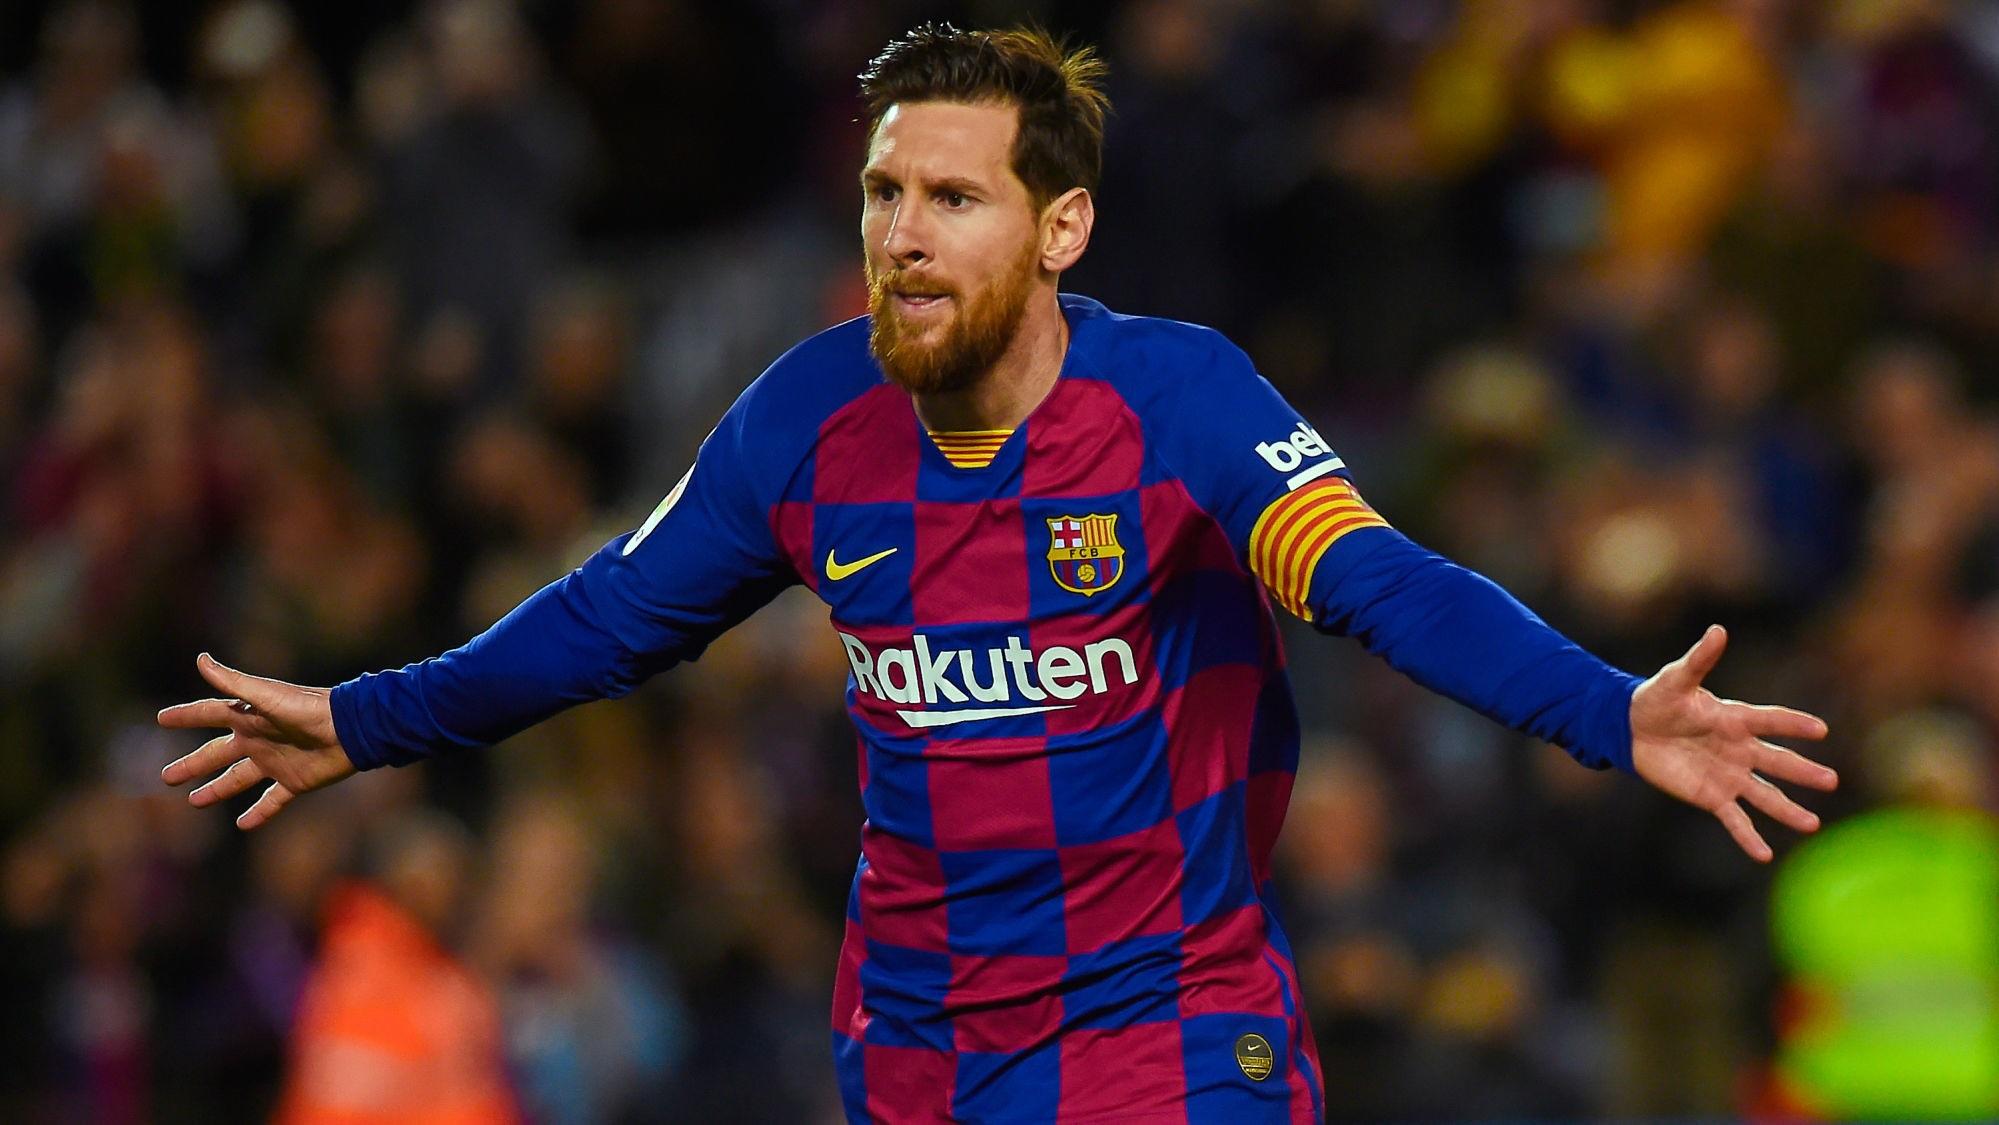 Mercato - Le PSG n'avance pas pour Messi, 2 autres postes en priorité selon Le Parisien